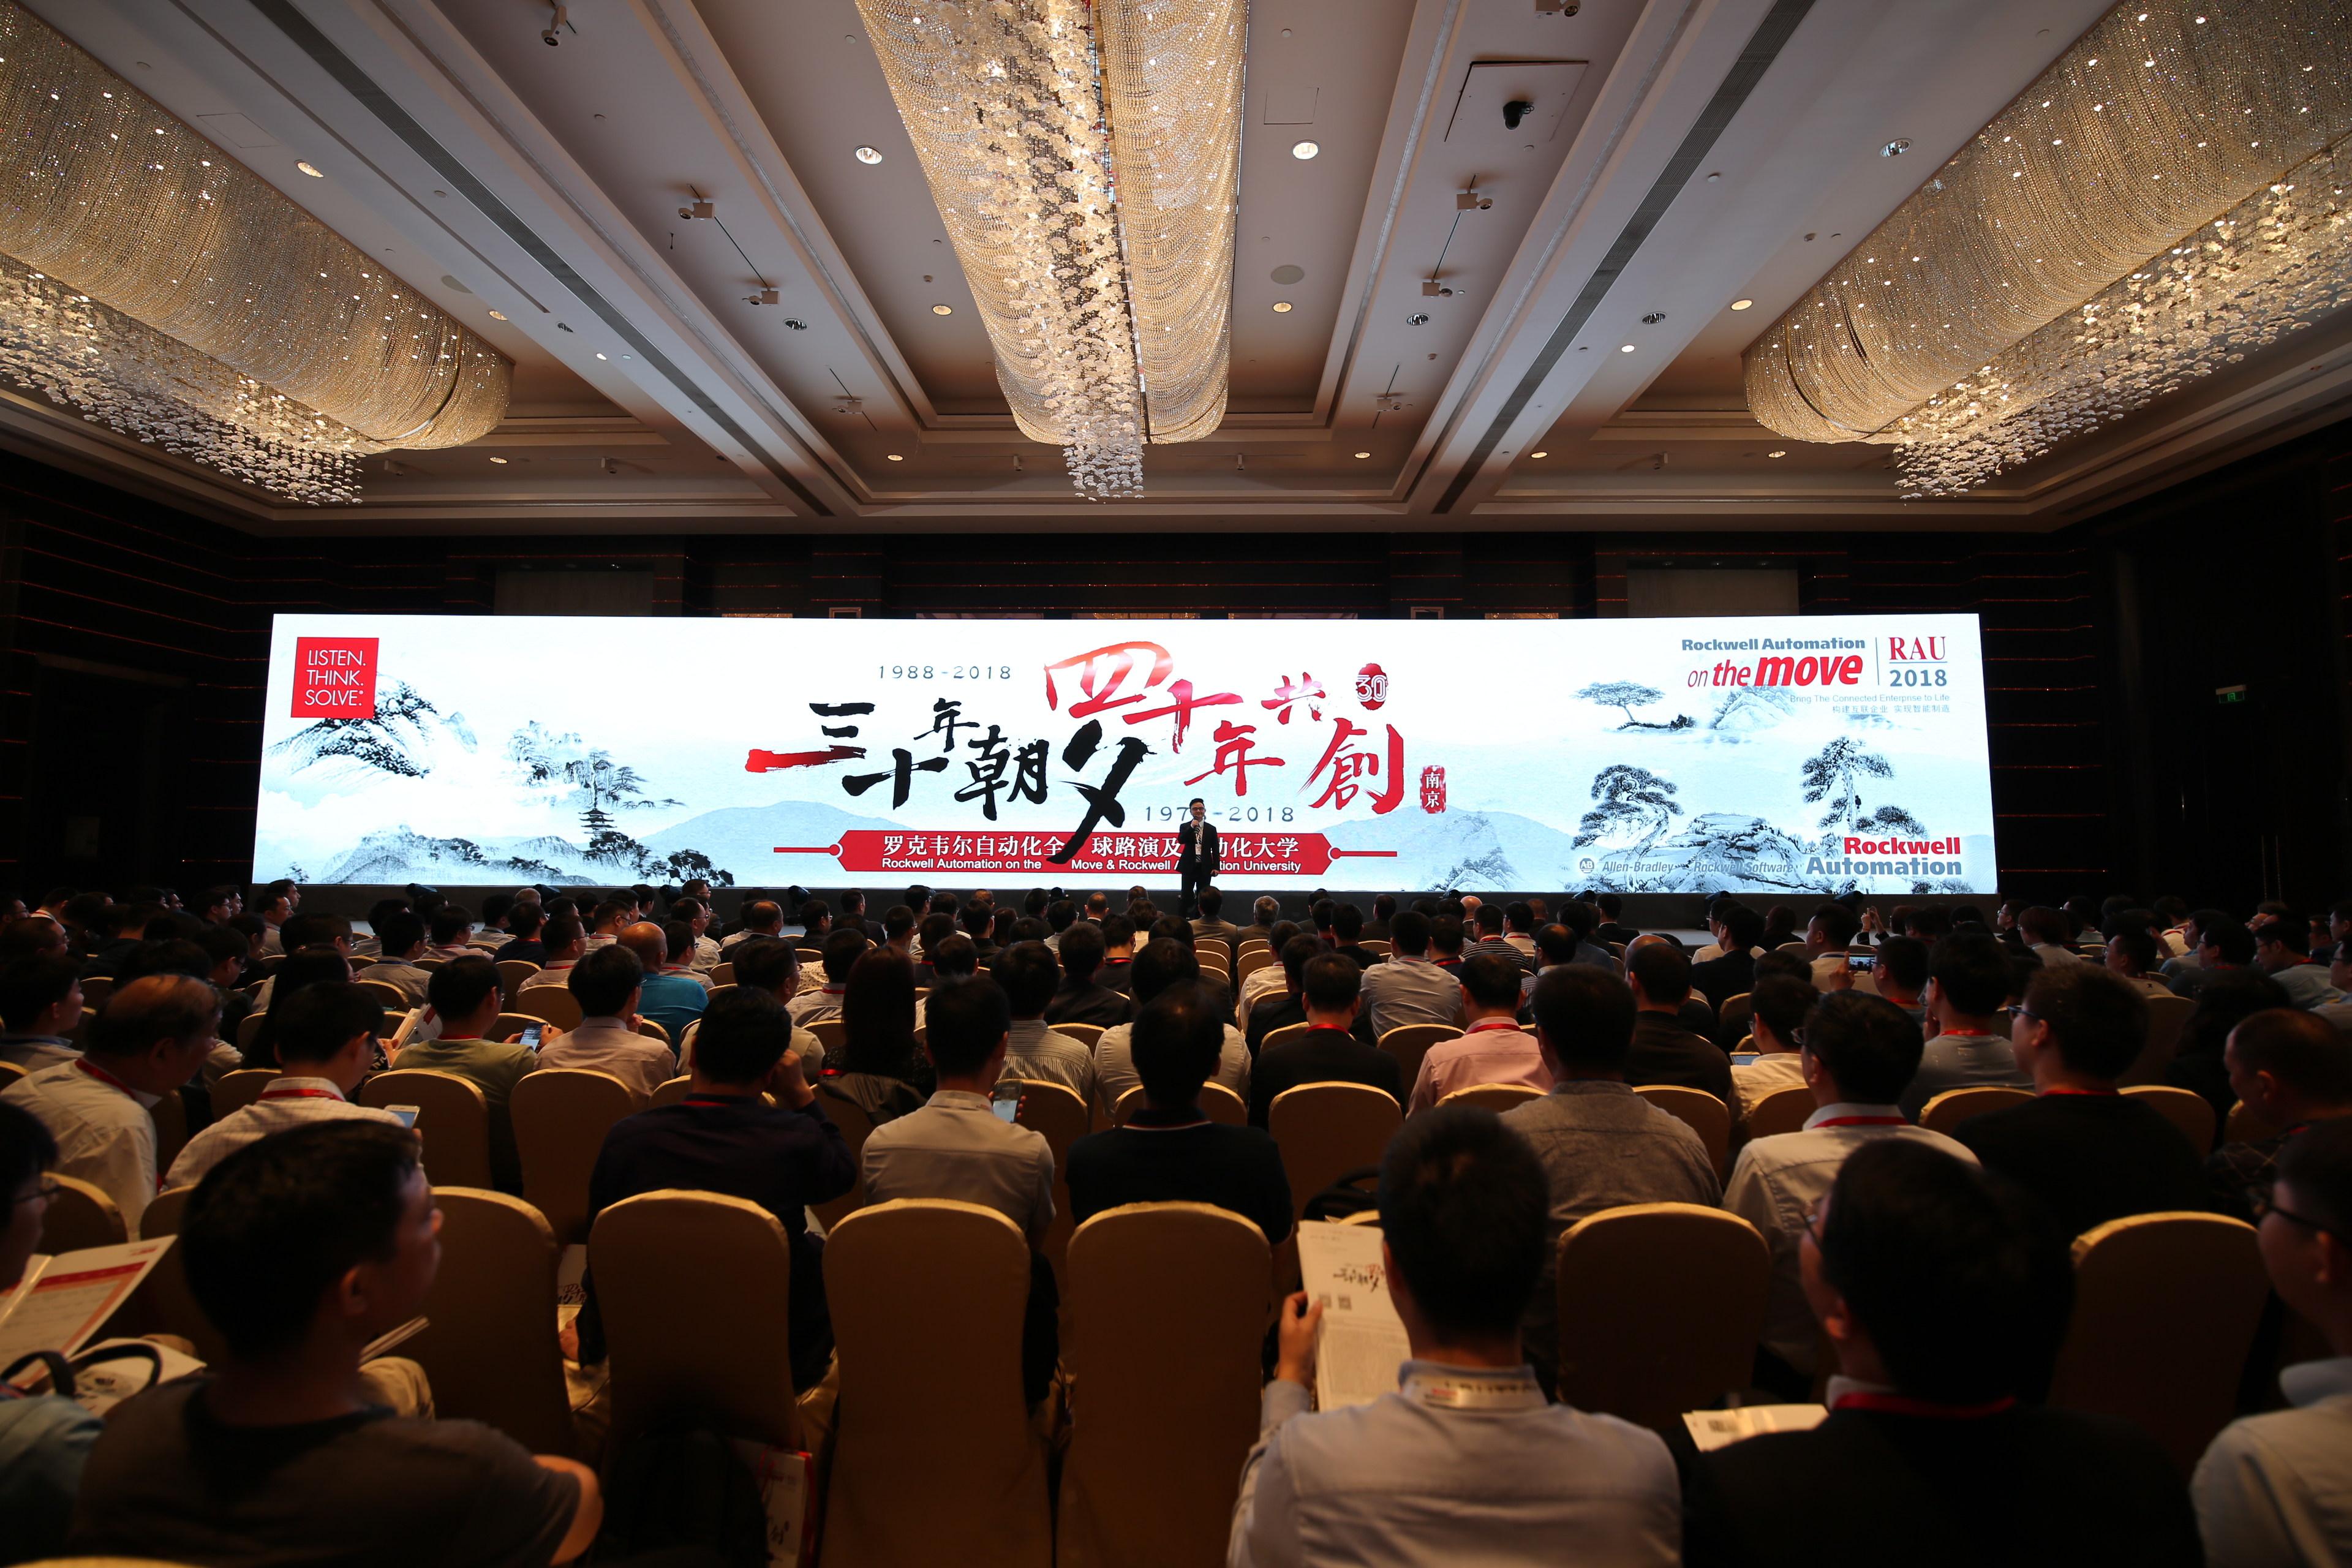 罗克韦尔大红鹰dhy0088化全球路演南京站 现场照片 2